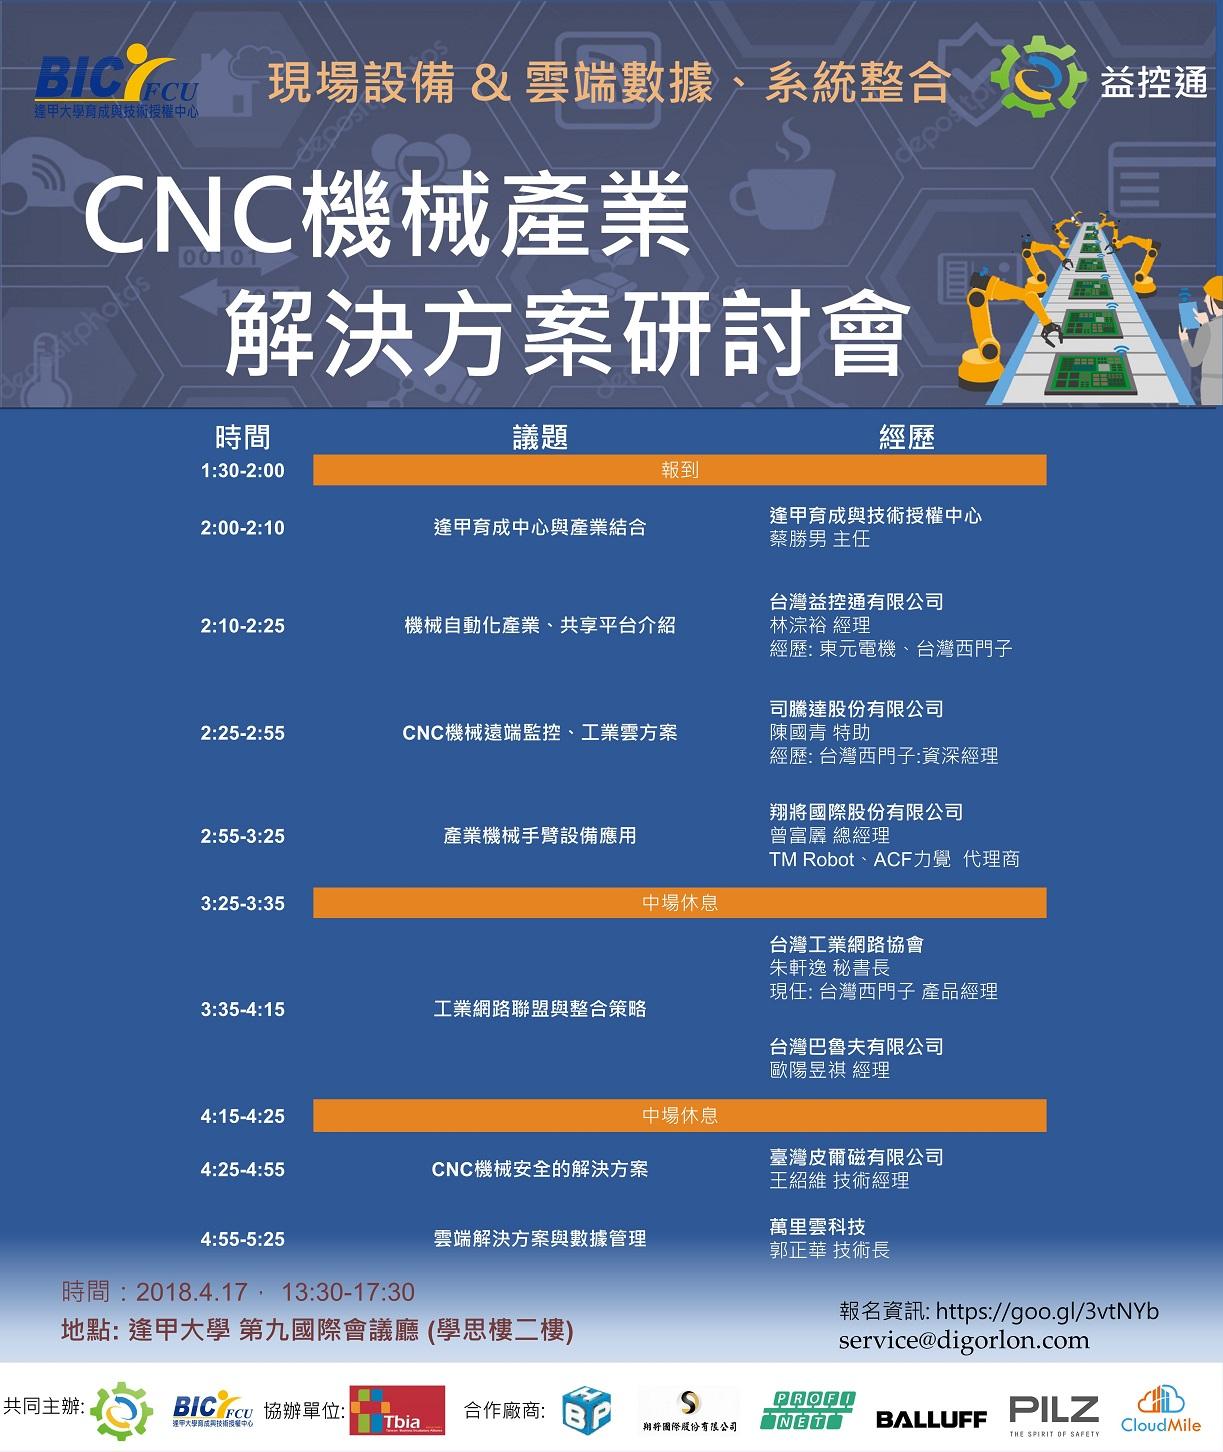 CNC機械產業解決方案研討會